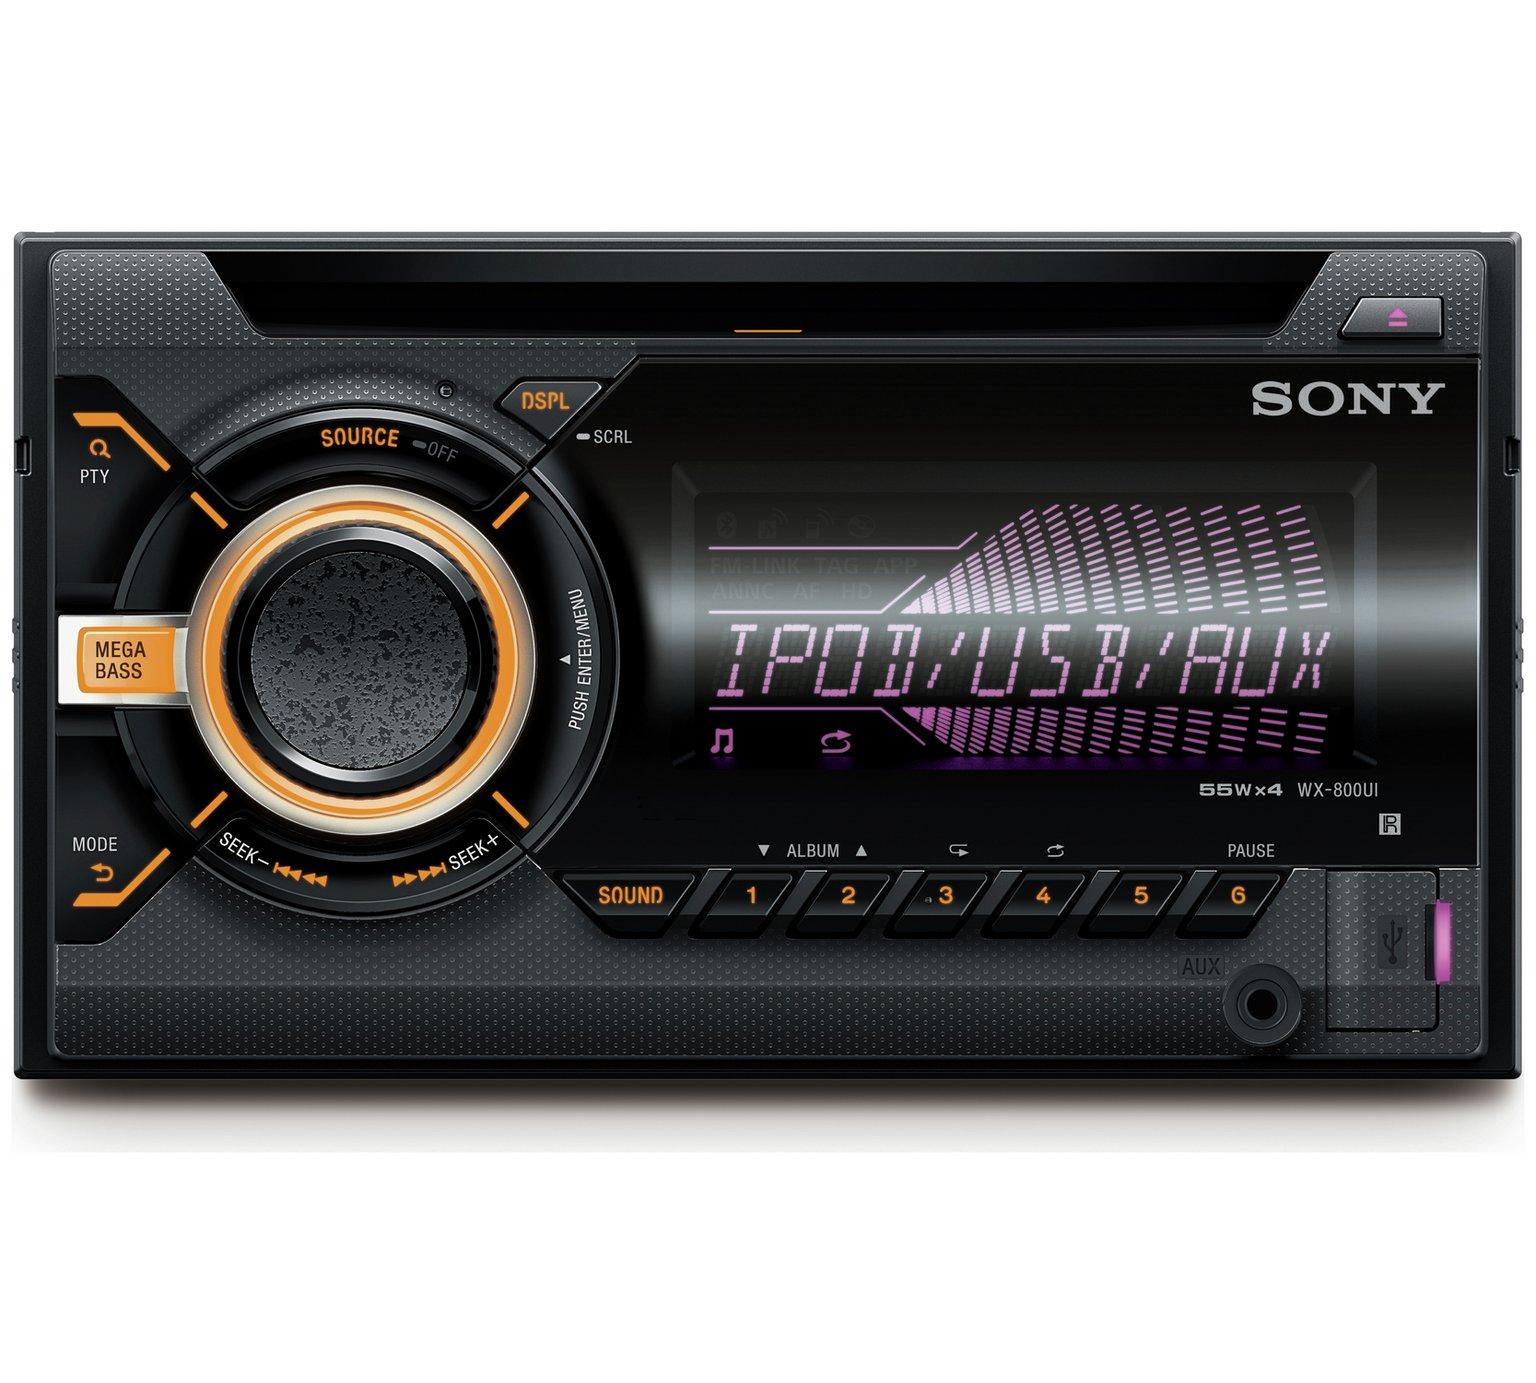 Double DIN Car Stereo Sony £54.99 @ Argos